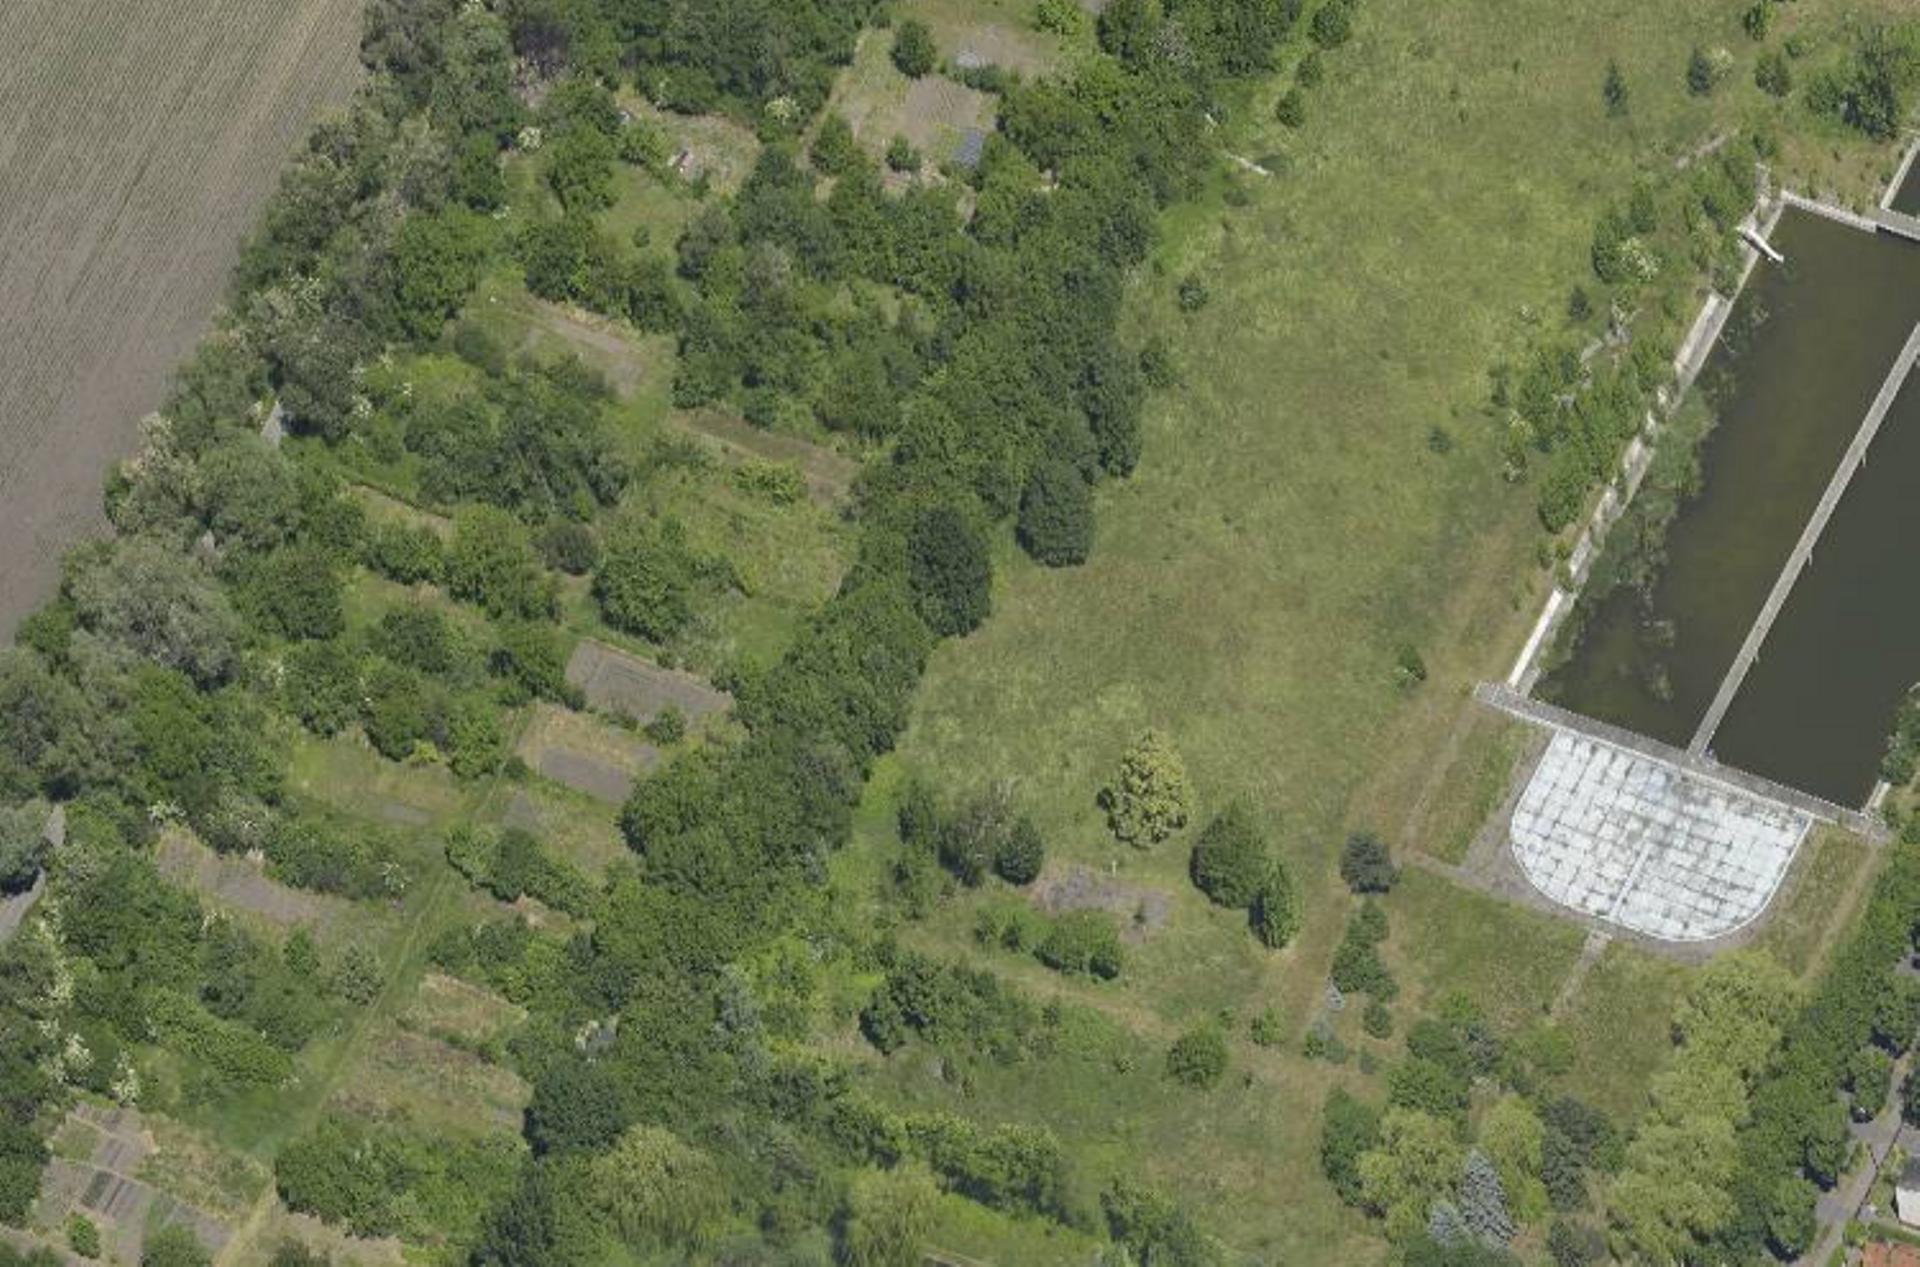 Wrocław: Państwo sprzedaje grunty na Oporowie za ponad trzy miliony